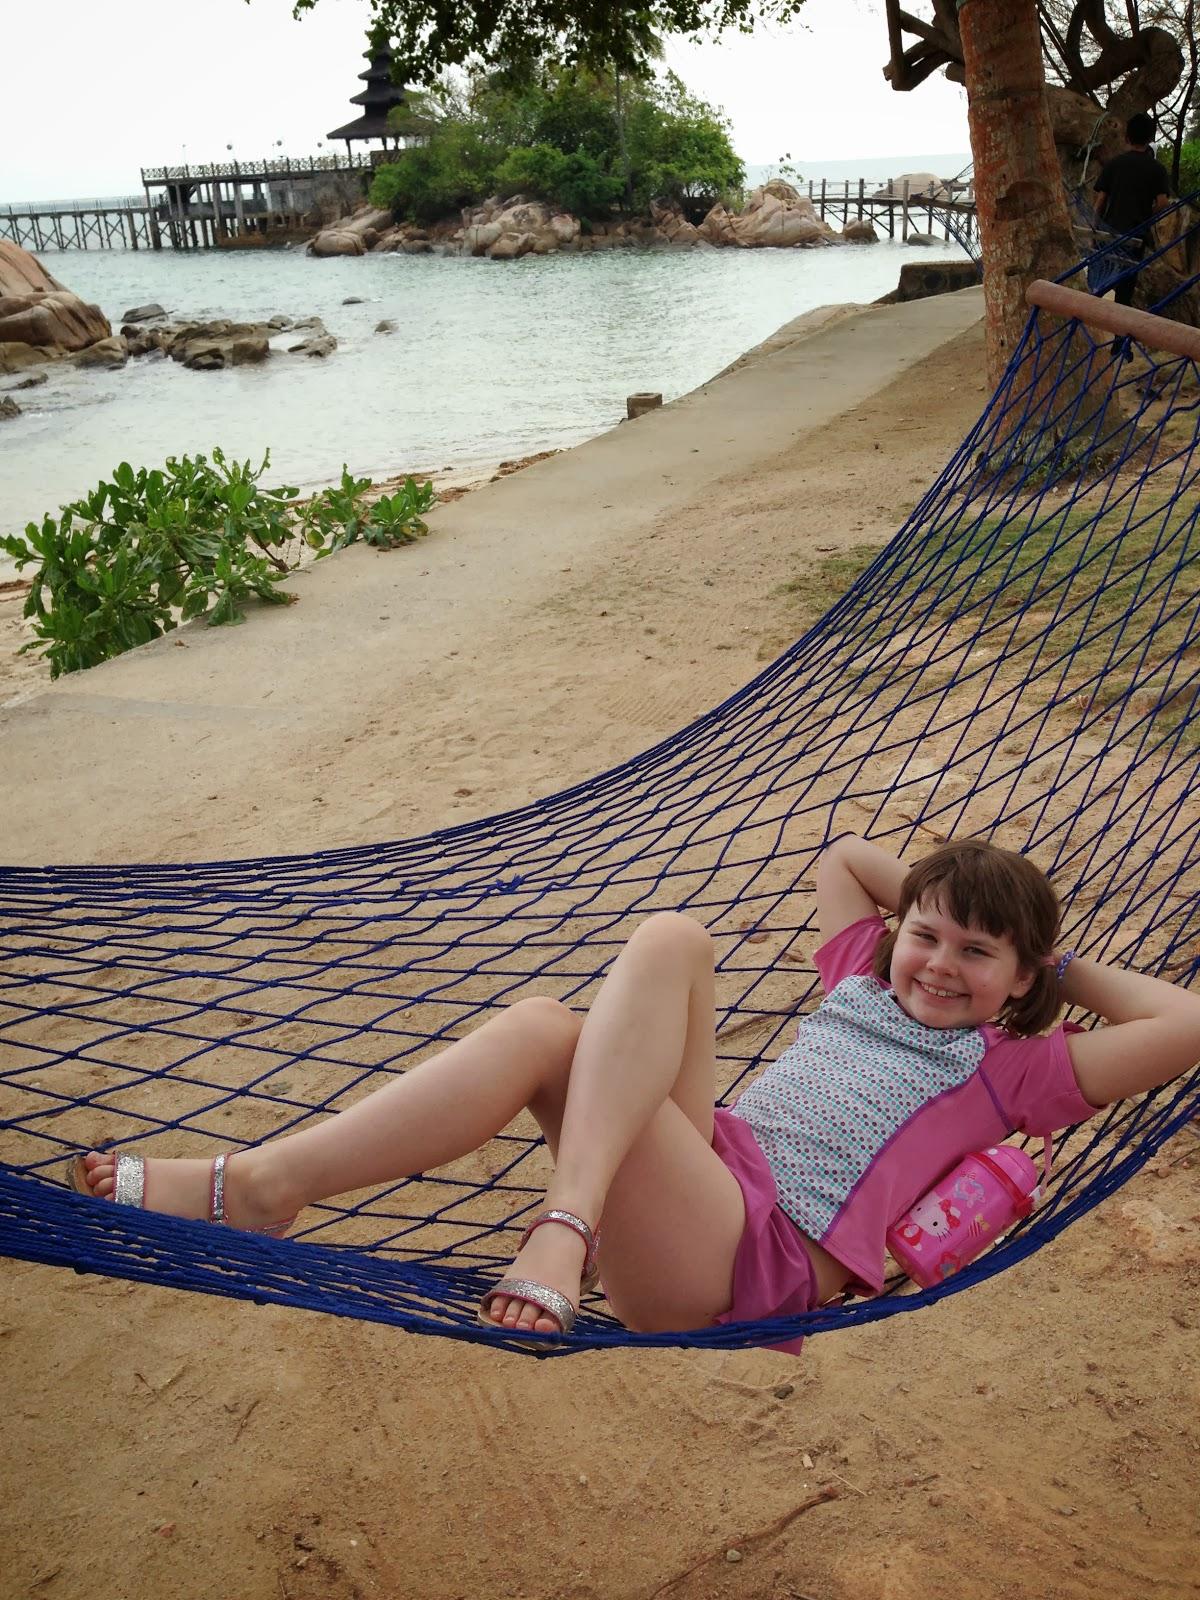 """<a href=""""http://vionm.com/"""">Thailand</a> <a href=""""http://vionm.com/things-to-do-in-bangkok-thailand/thailandhoneymoon-explore-the-beauty-of-koh-samui/"""">Beach</a>: Batam, Indonesia"""